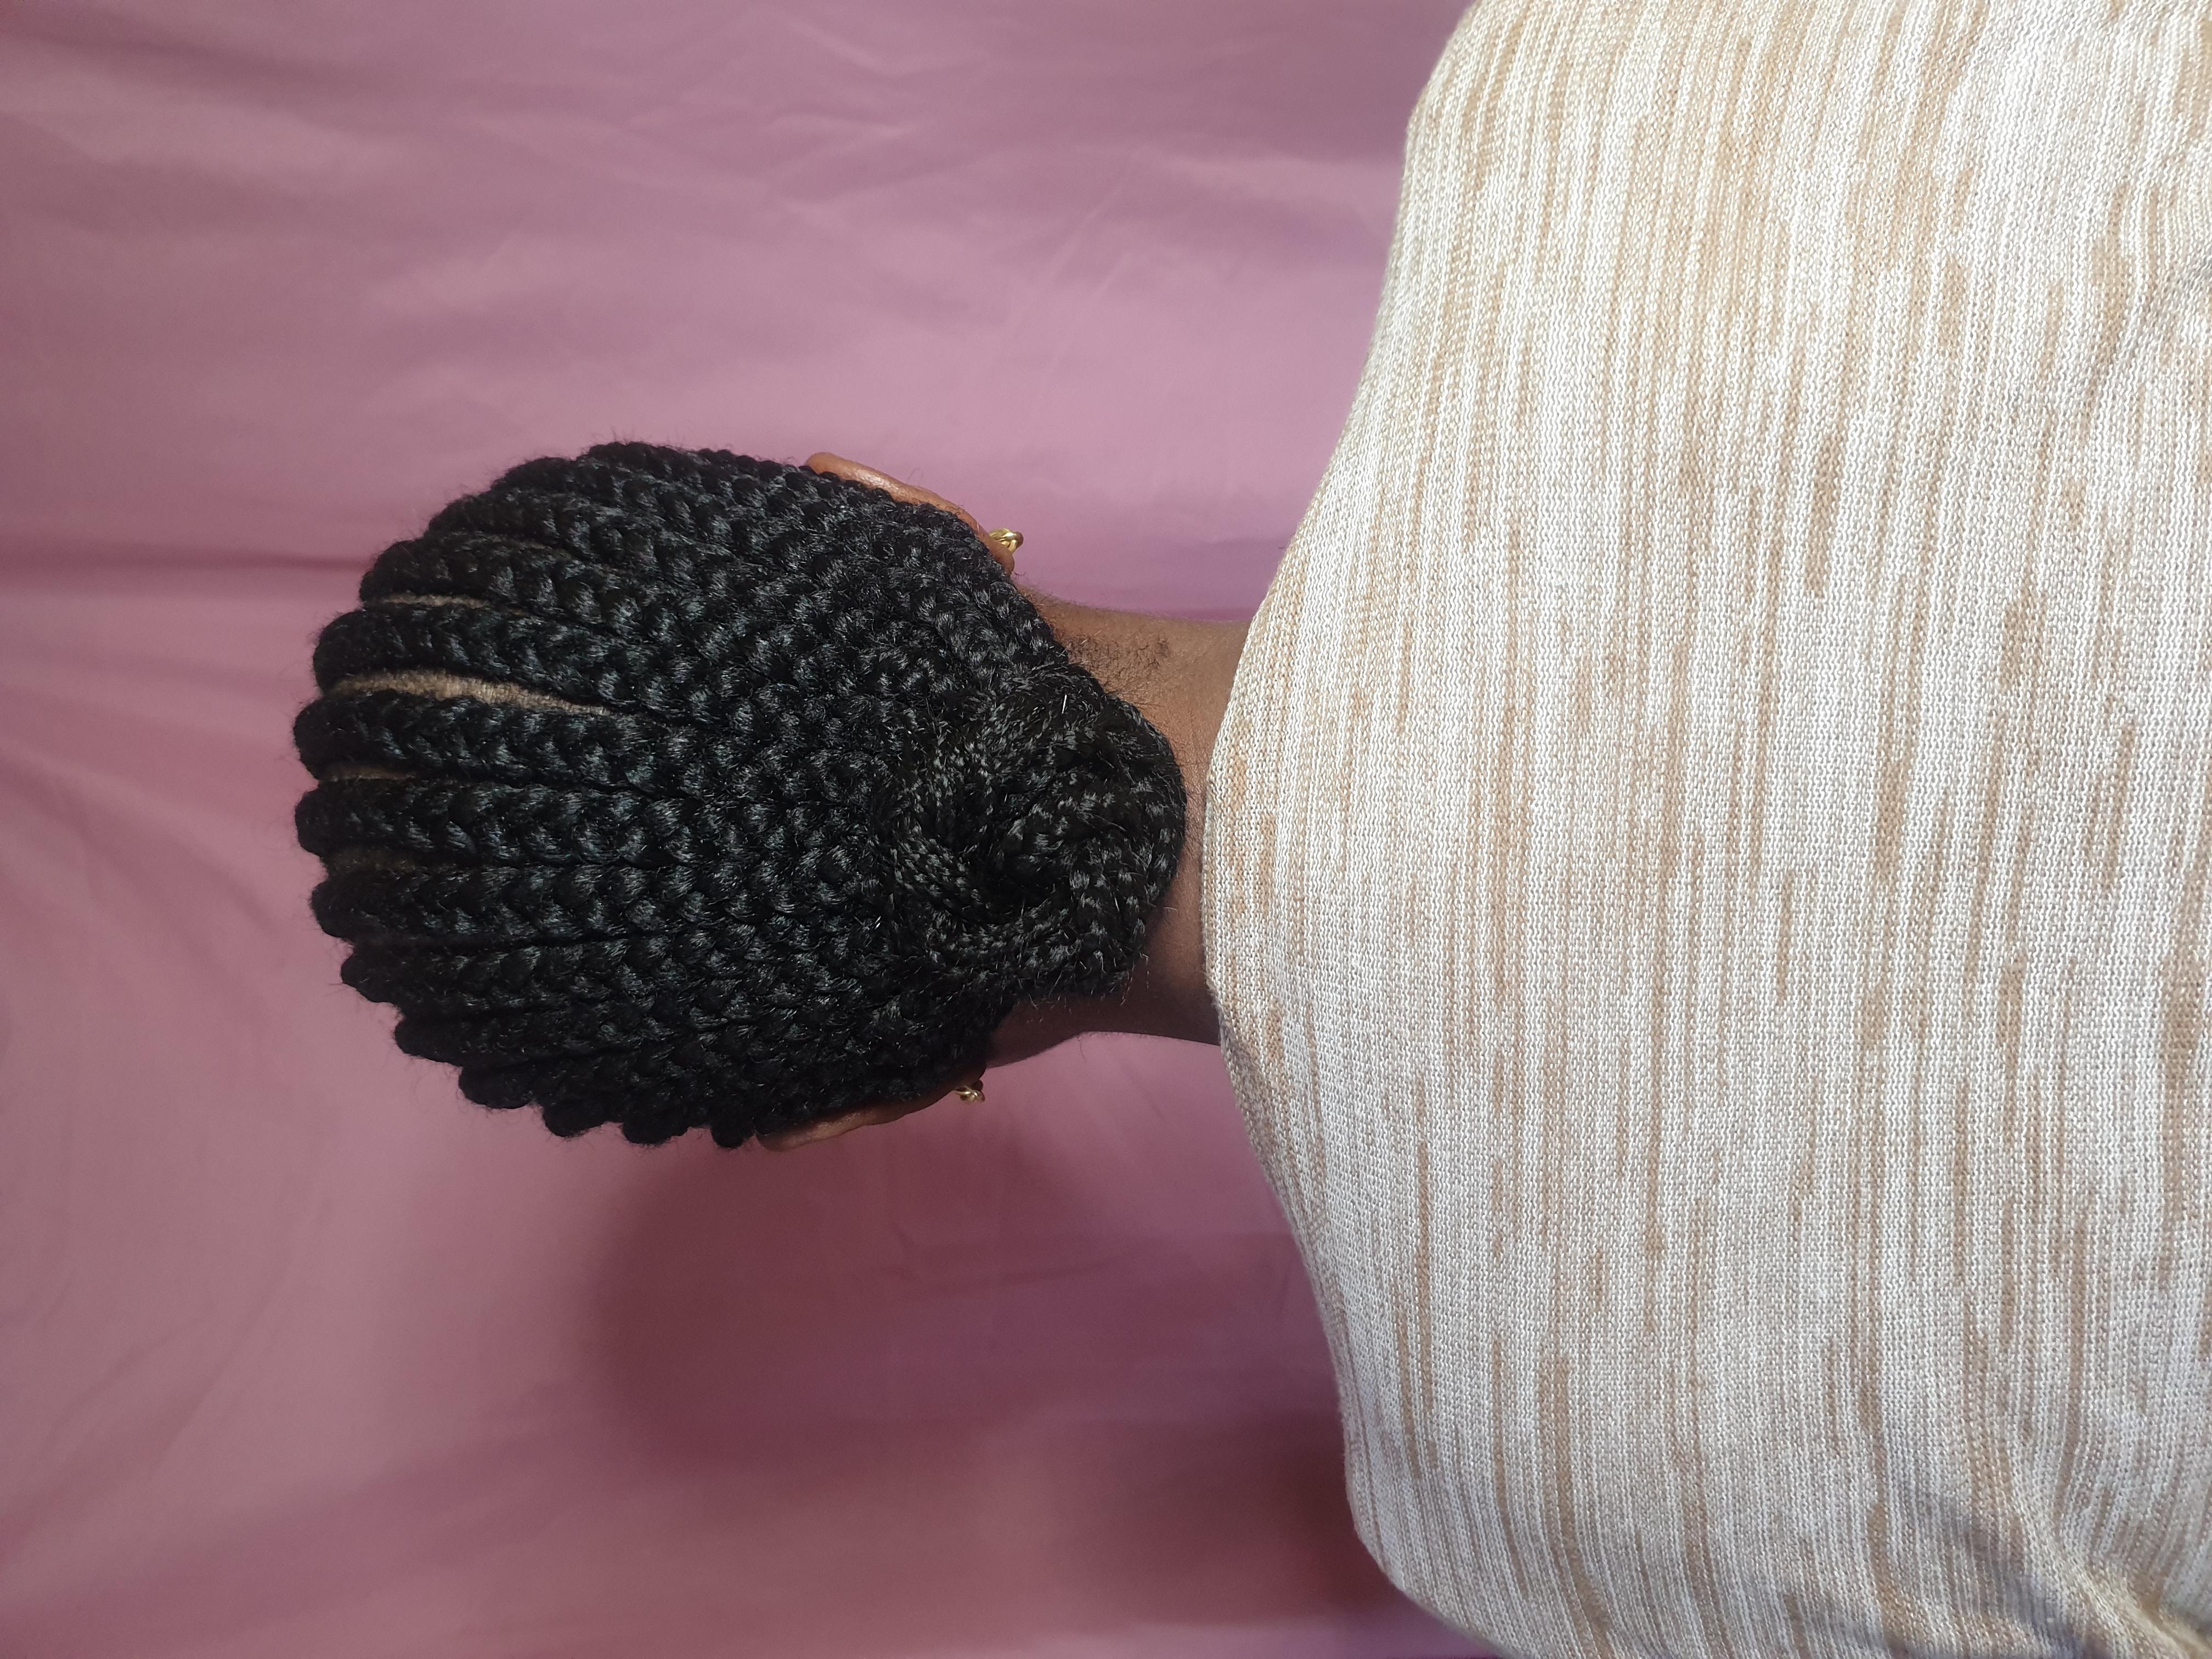 salon de coiffure afro tresse tresses box braids crochet braids vanilles tissages paris 75 77 78 91 92 93 94 95 SYGUQTKR